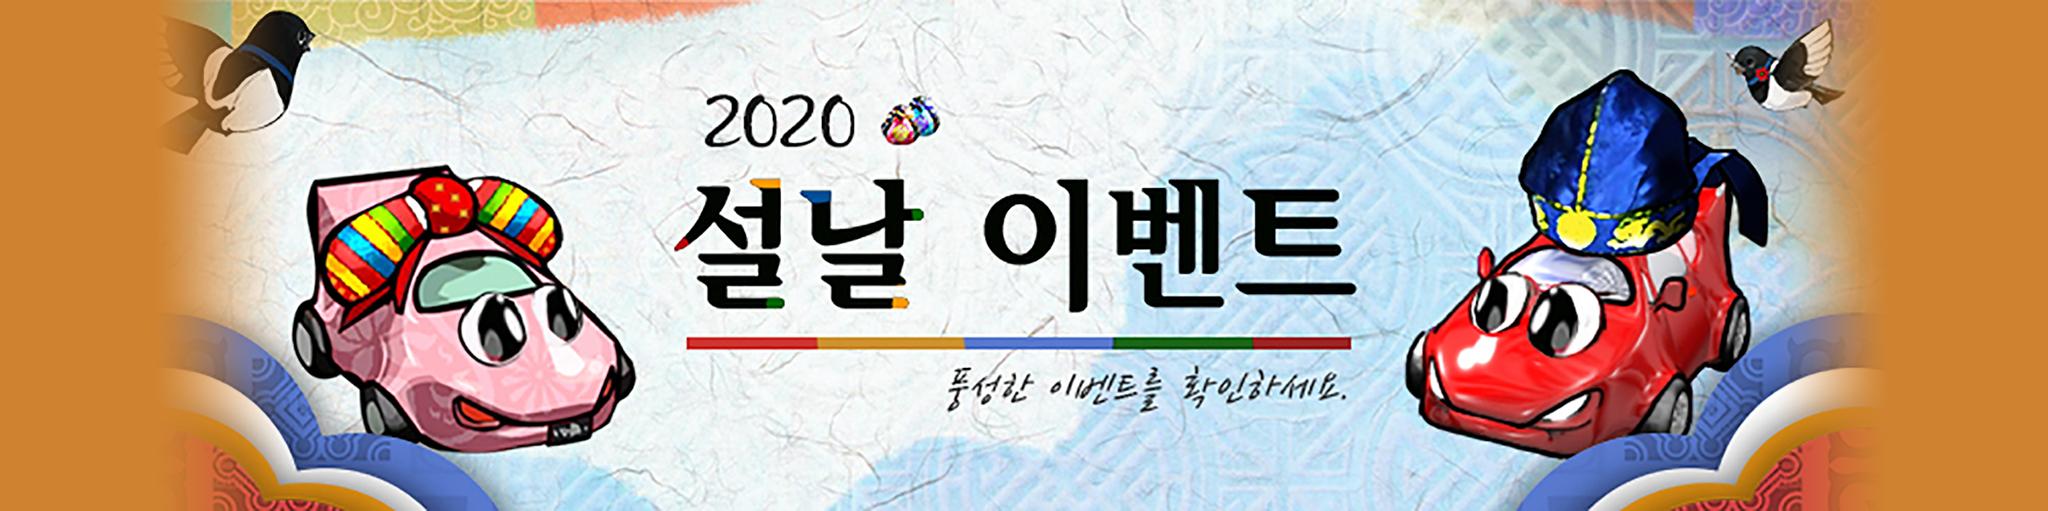 2020설날 이벤트